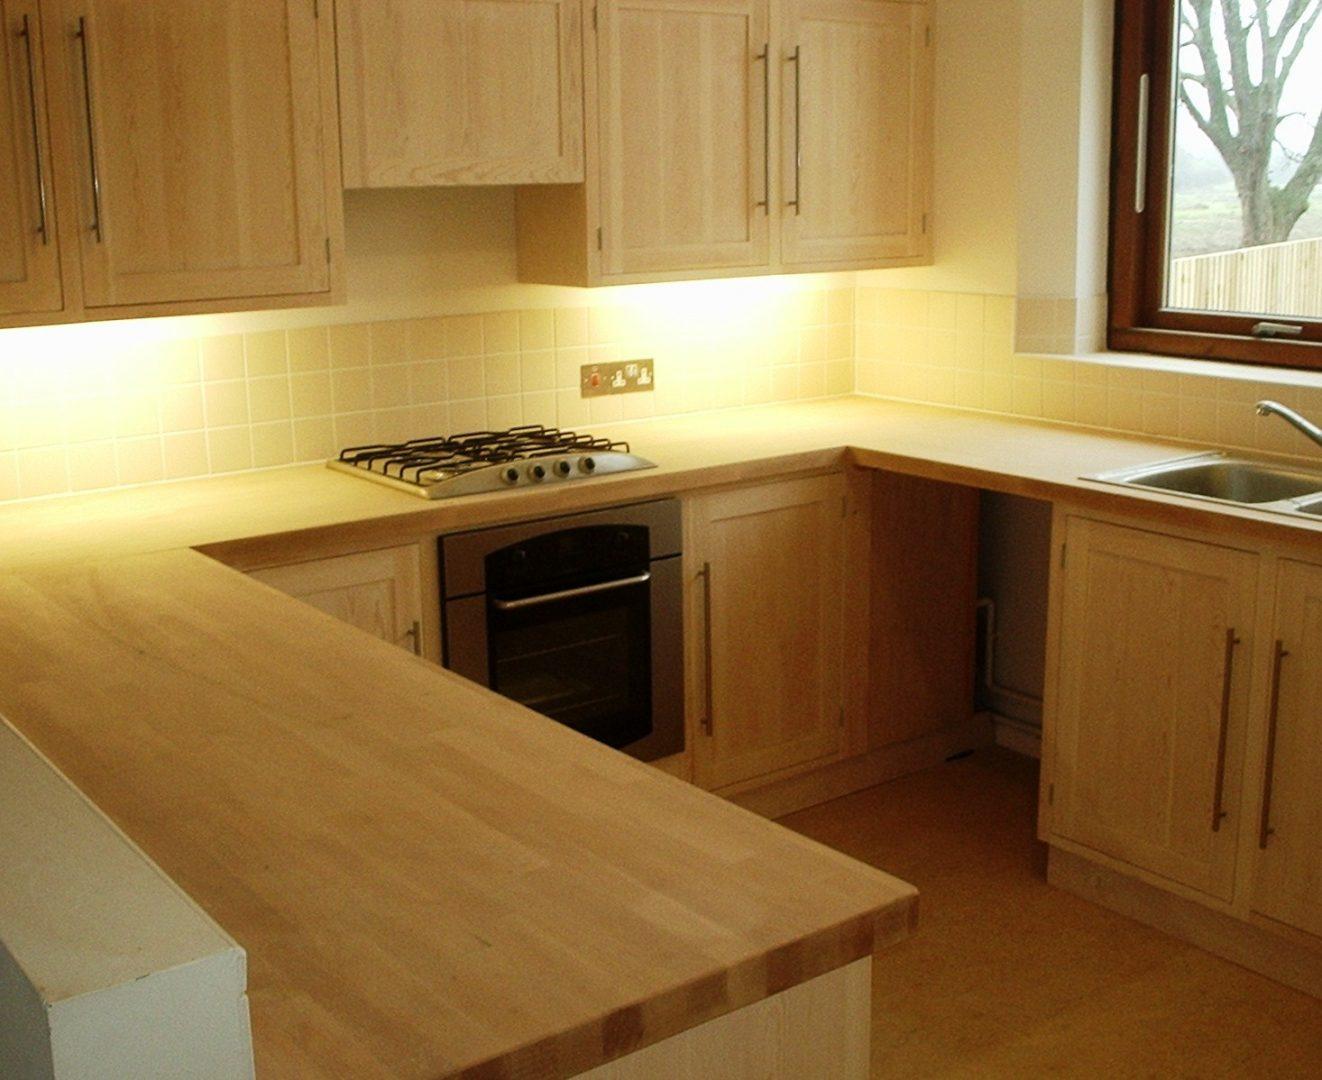 Fotos de encimeras de cocina de madera im genes y fotos - Encimera de madera para cocina ...